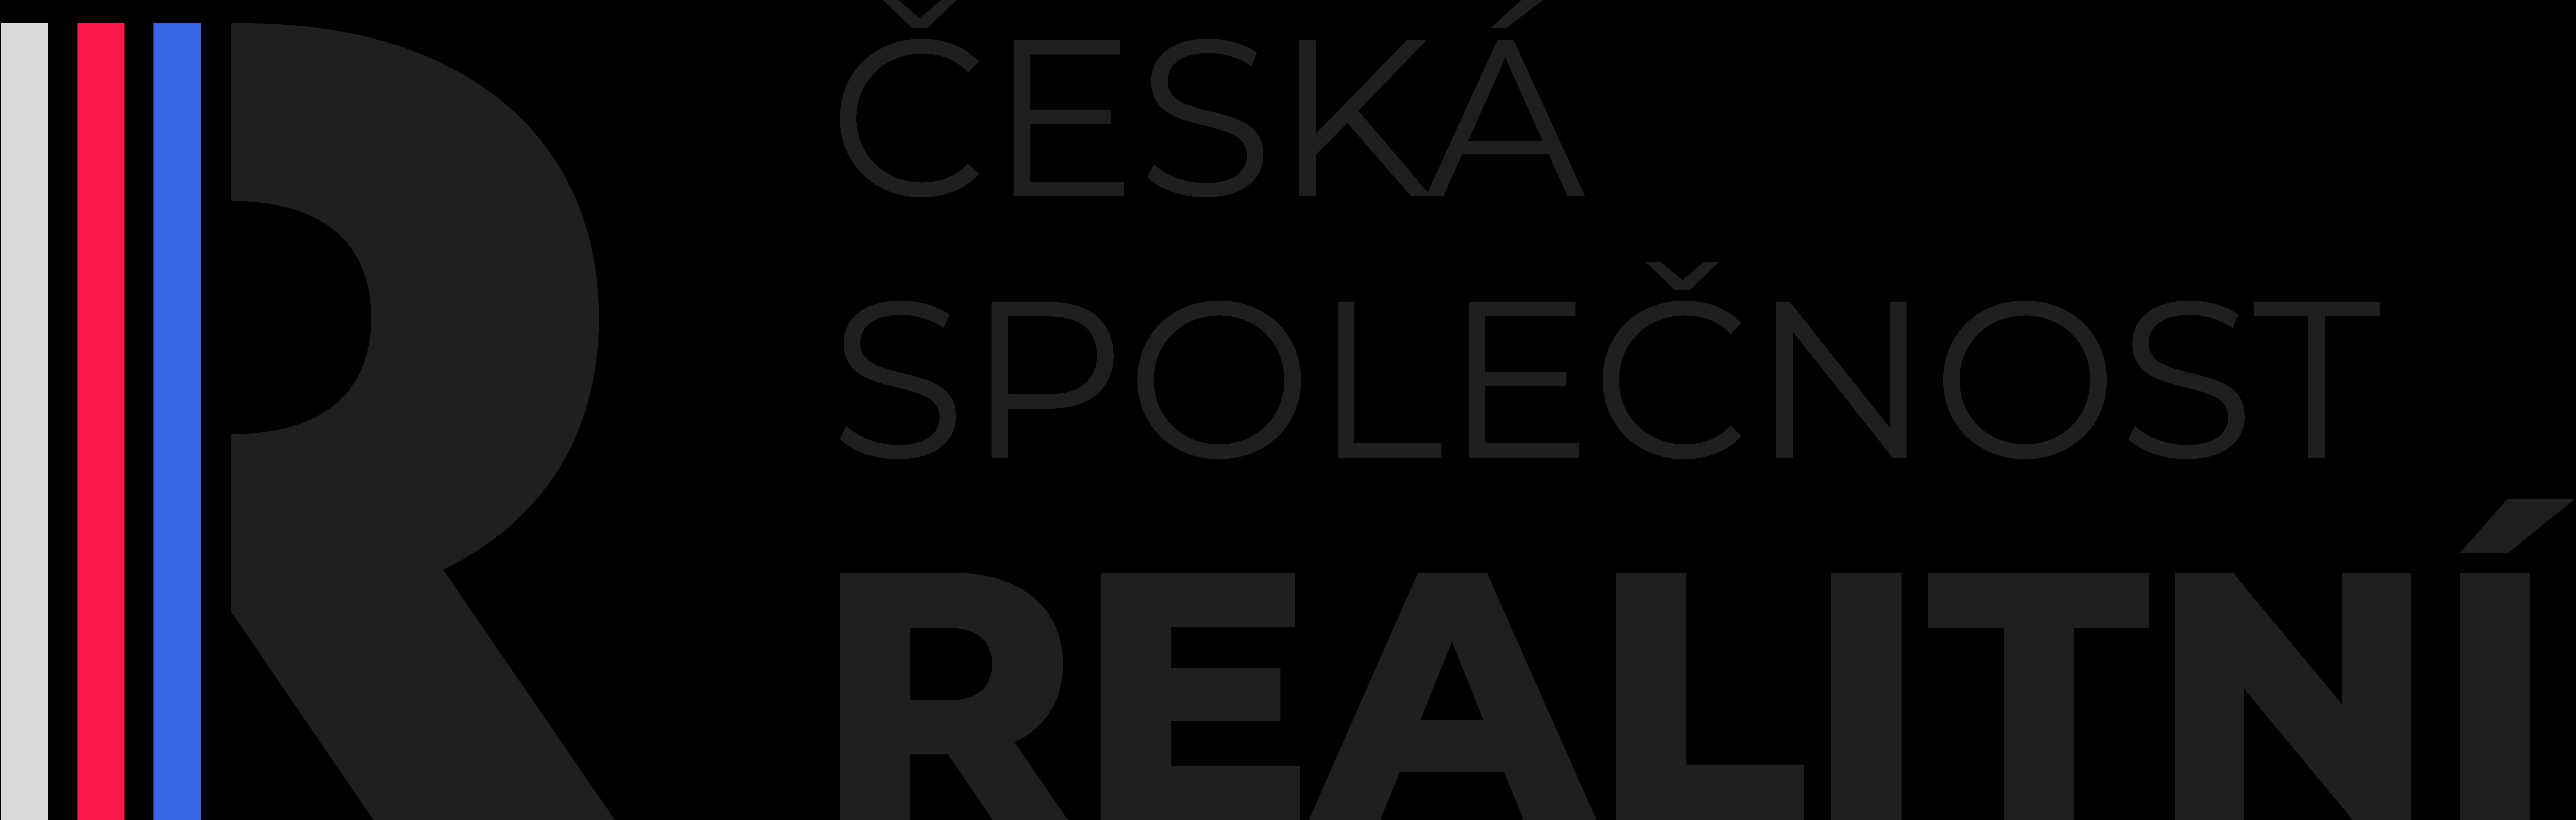 logo-20210110-14032x4466-A2-landscape.png